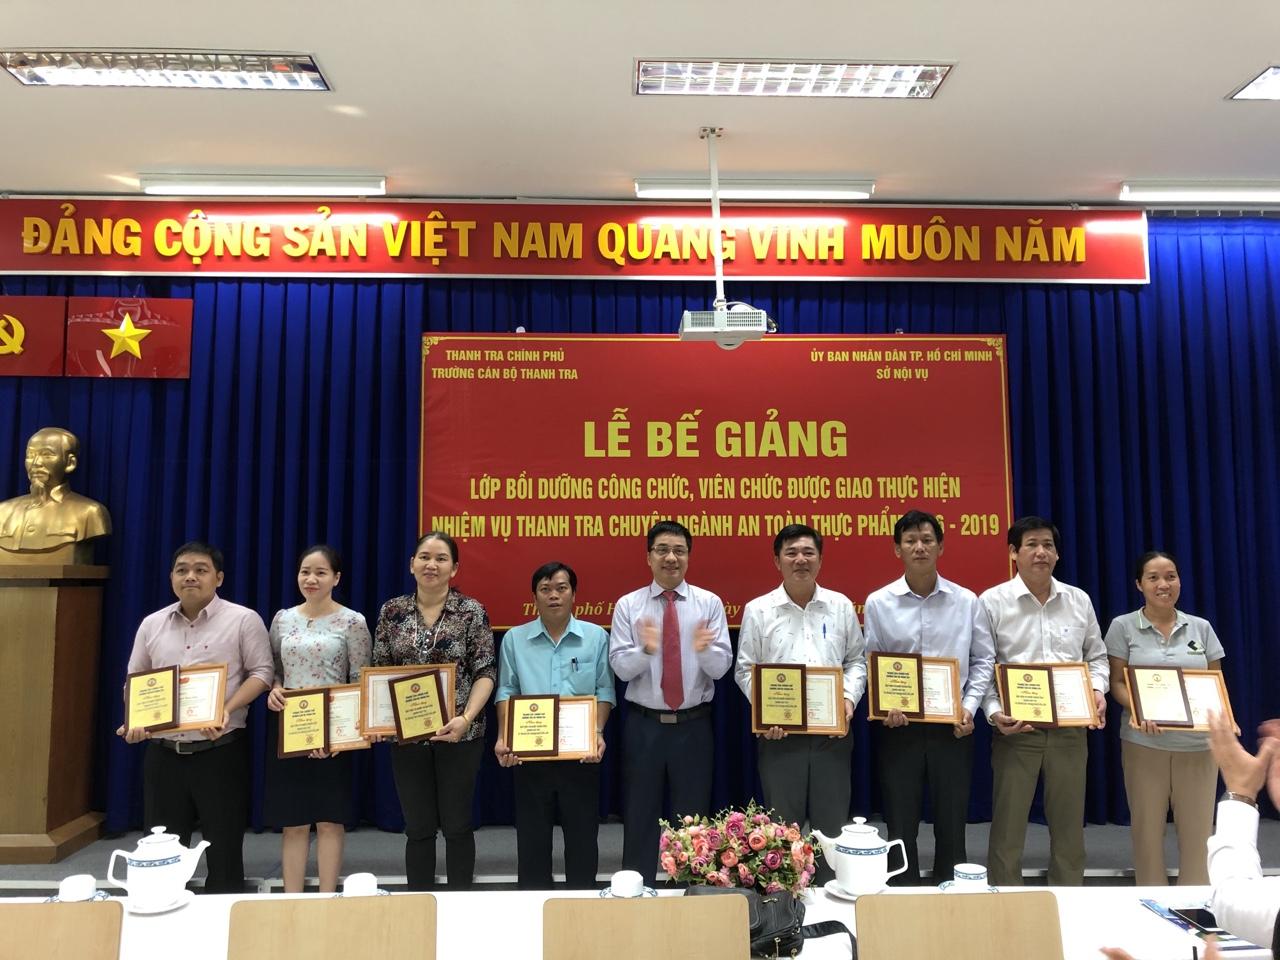 TS Trịnh Văn Toàn PHT Nhà trường trao GK cho học viên